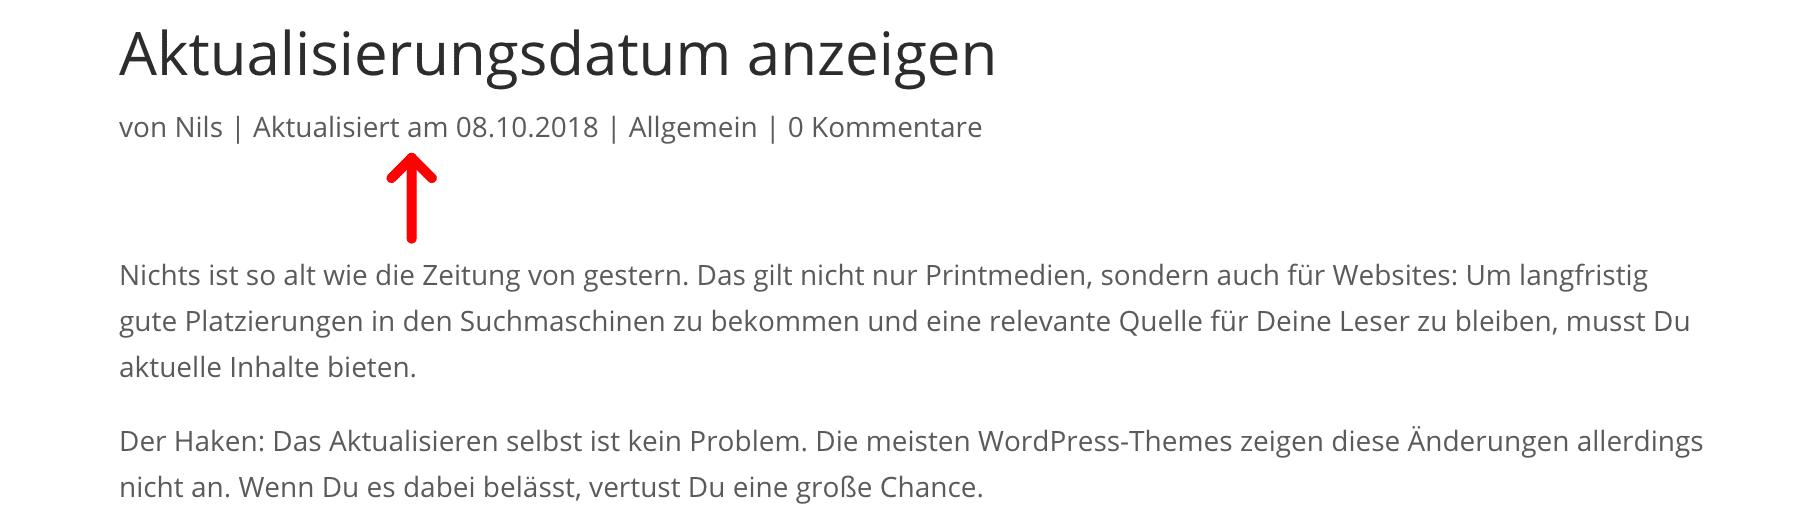 WordPress Artikel Datum aktualisiert statt des Veröffentlichungsdatums anzeigen